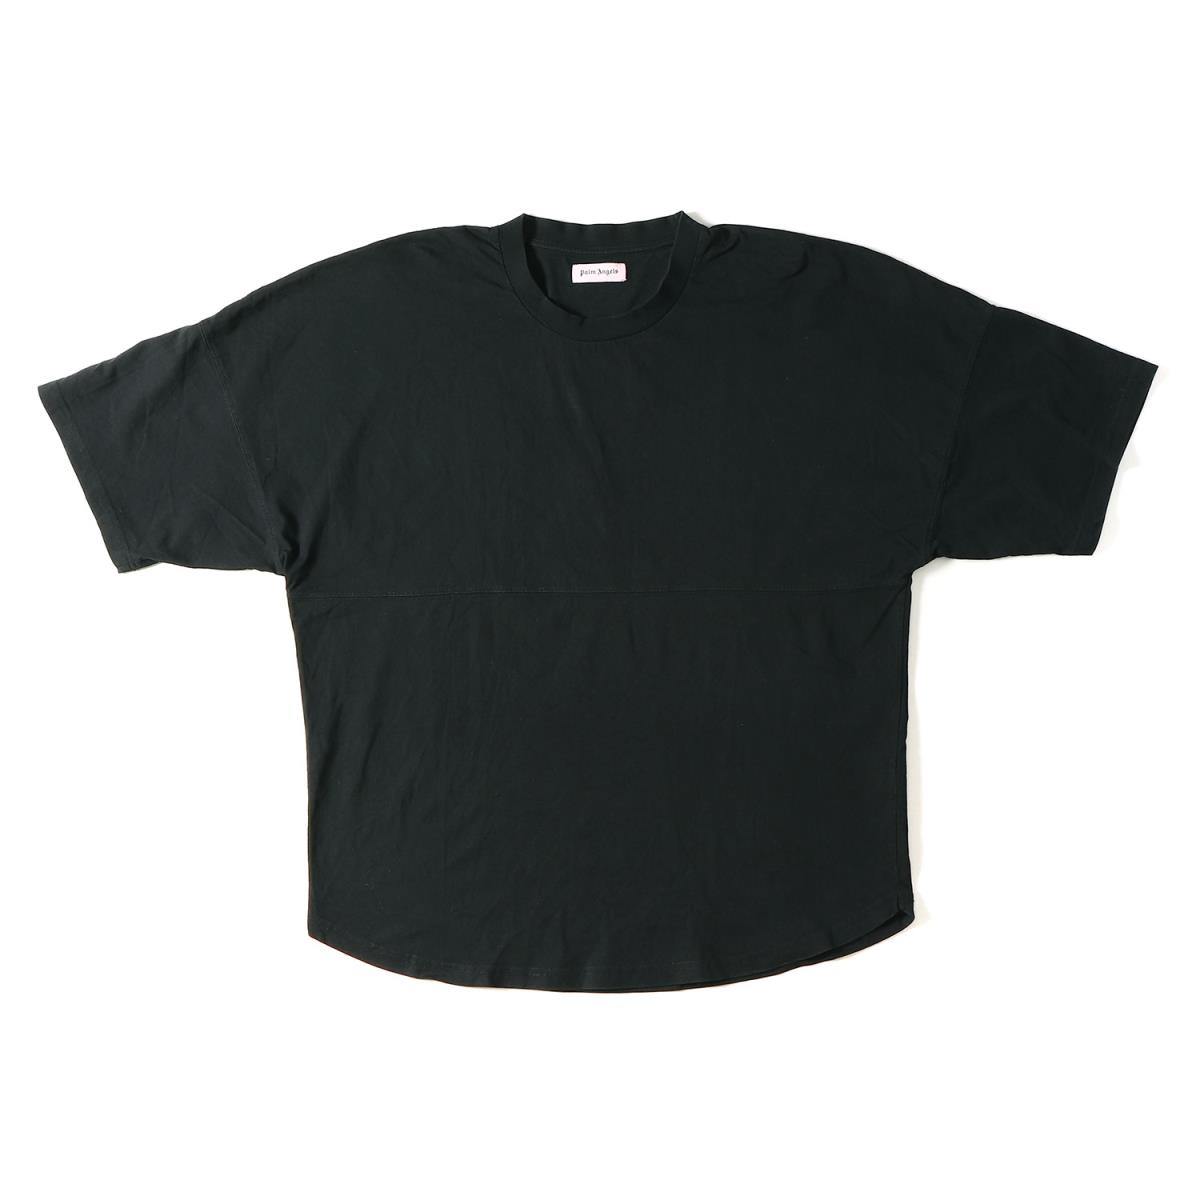 Palm Angels (パーム エンジェルス) バックロゴビッグサイズTシャツ(LOGO OVER TEE) ブラック 【メンズ】【美品】【K2075】【中古】【あす楽☆対応可】